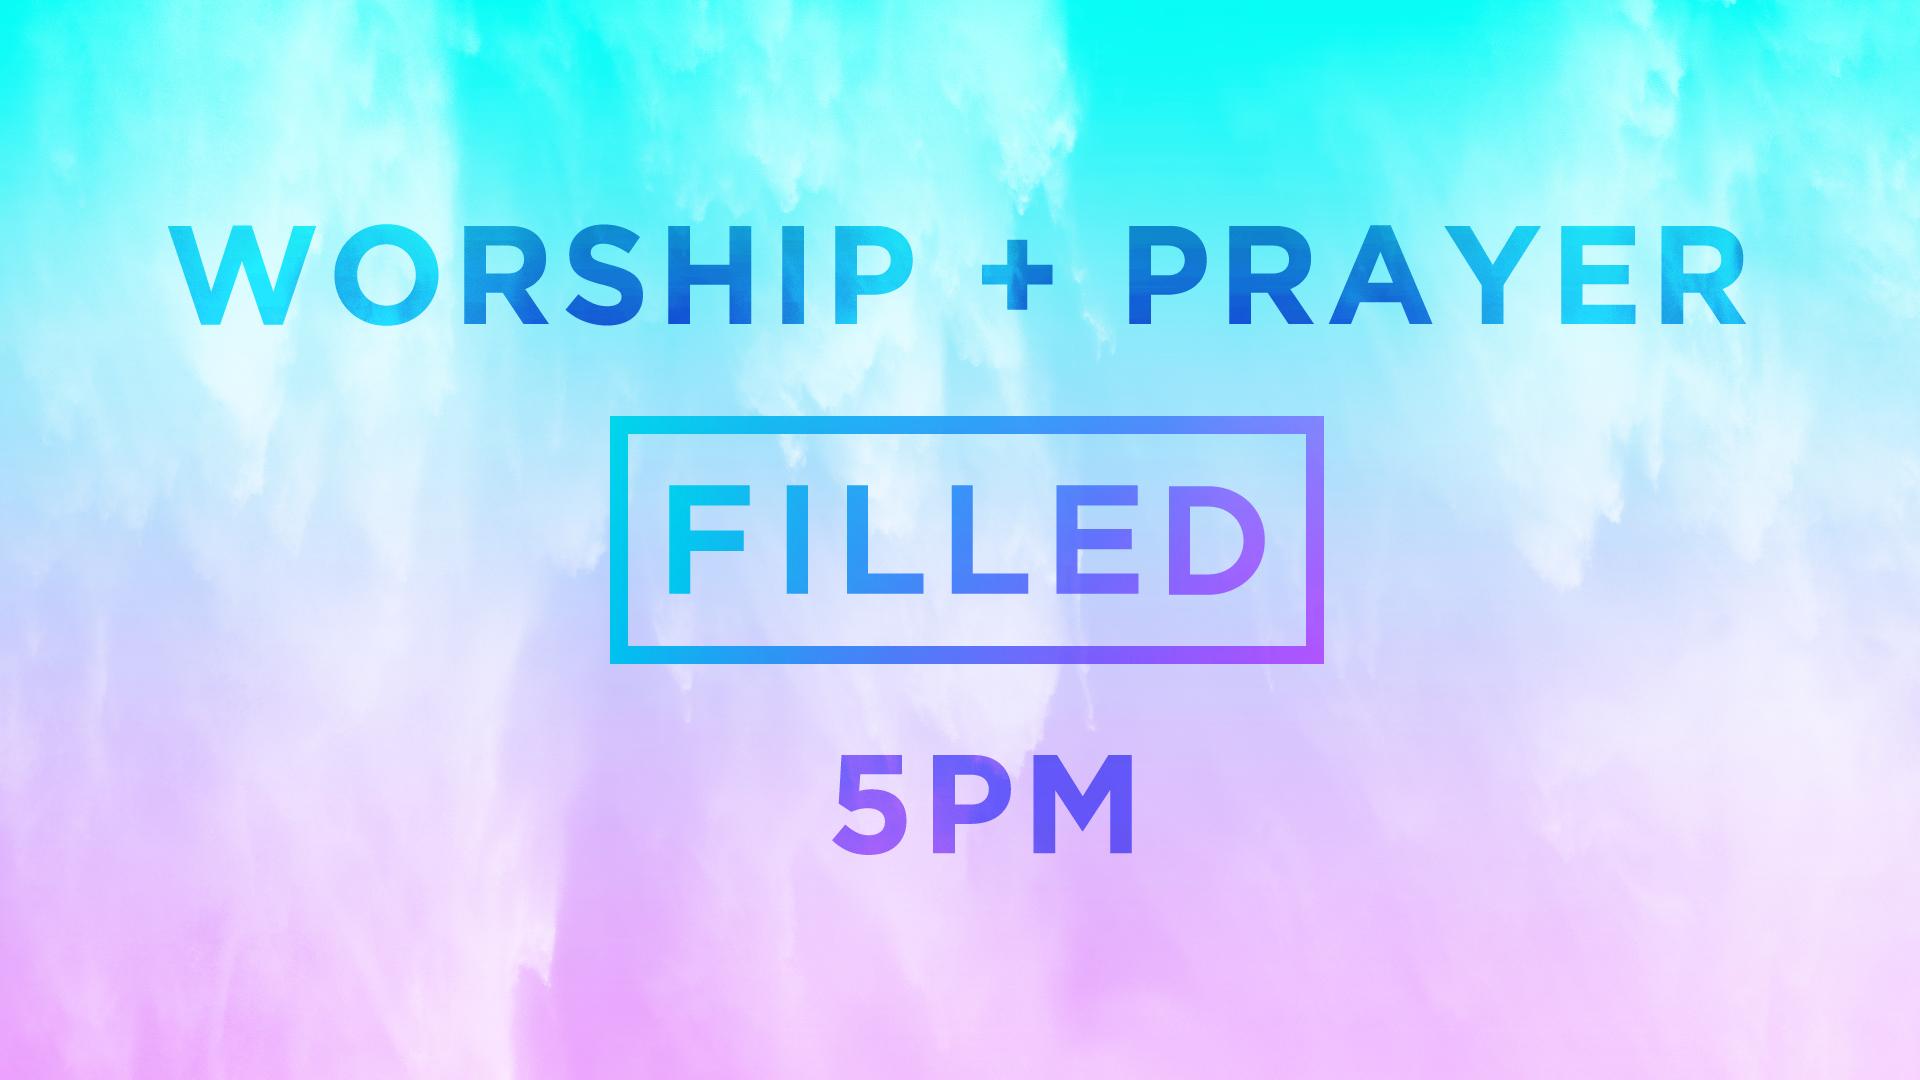 FILLED-worship.jpg